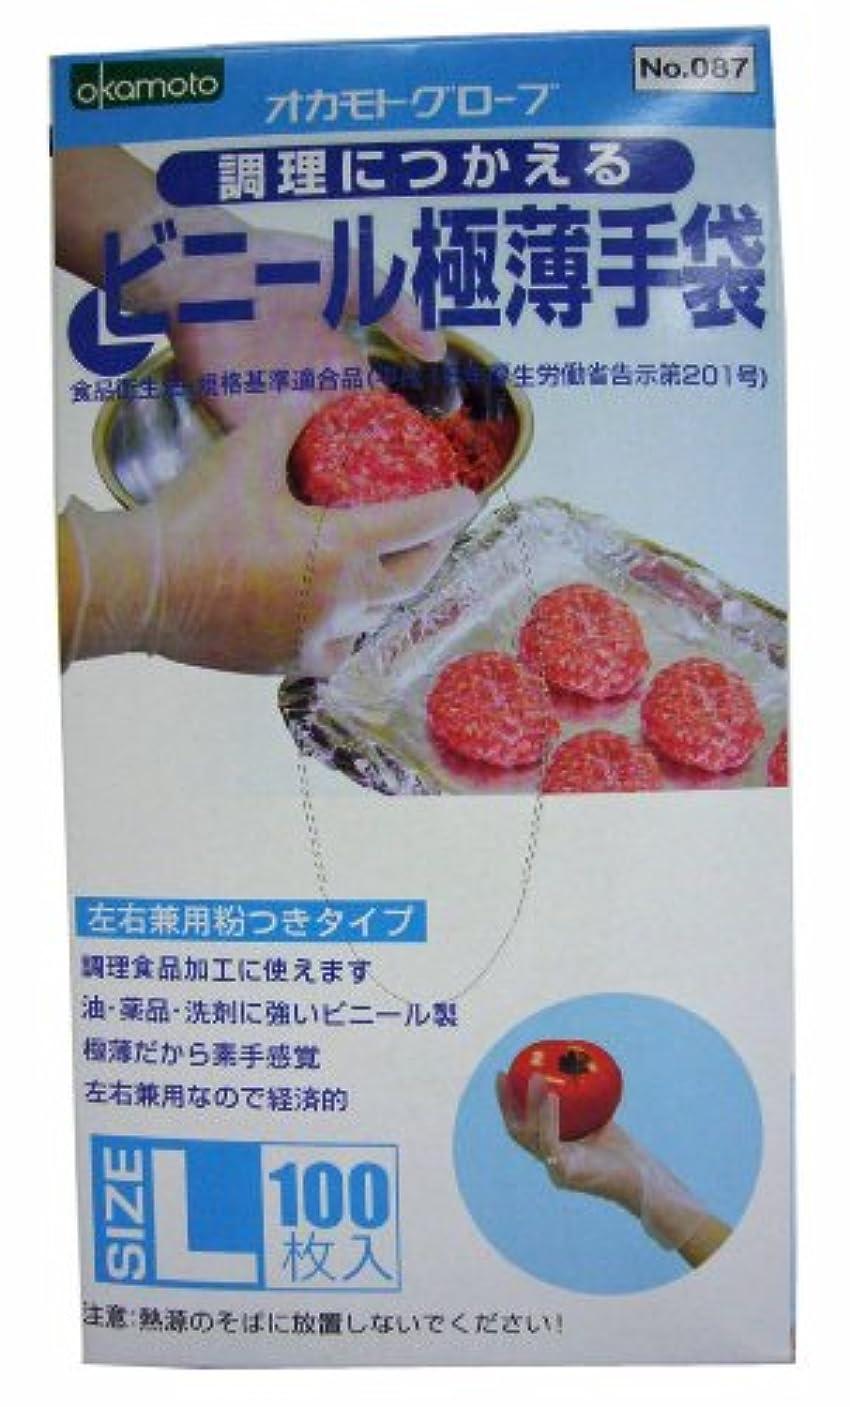 砂利チャップ承認オカモトグローブ 調理につかえる ビニール極薄手袋 L 100枚入